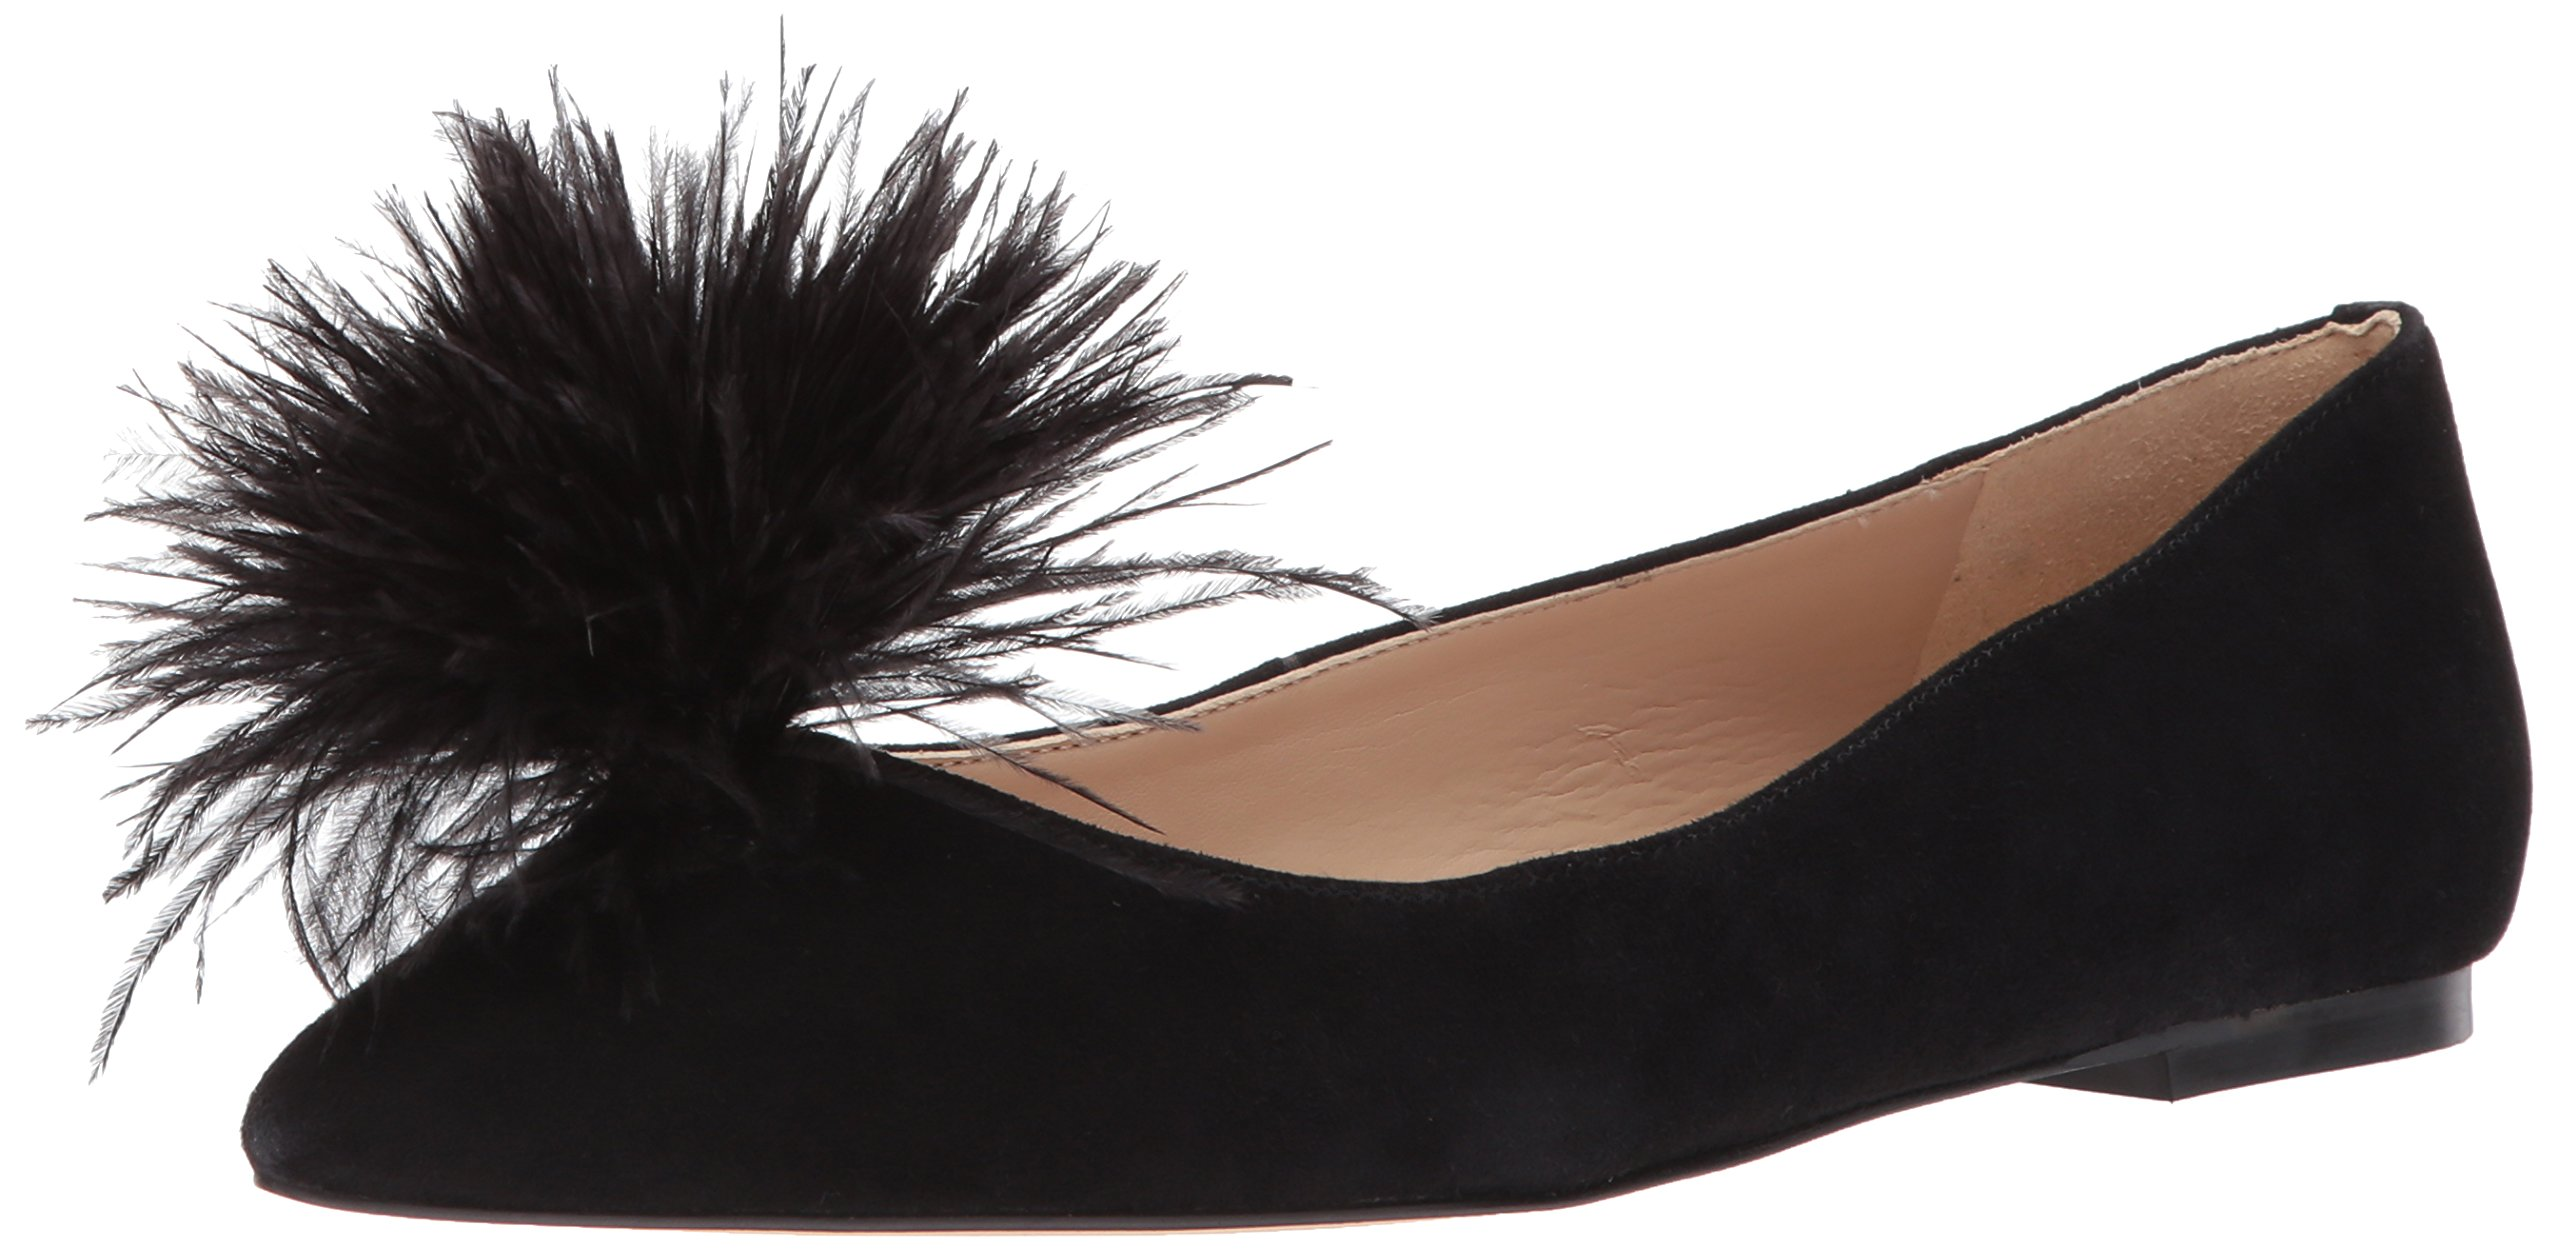 Sam Edelman Women's Reina Ballet Flat, Black Suede, 7.5 Medium US by Sam Edelman